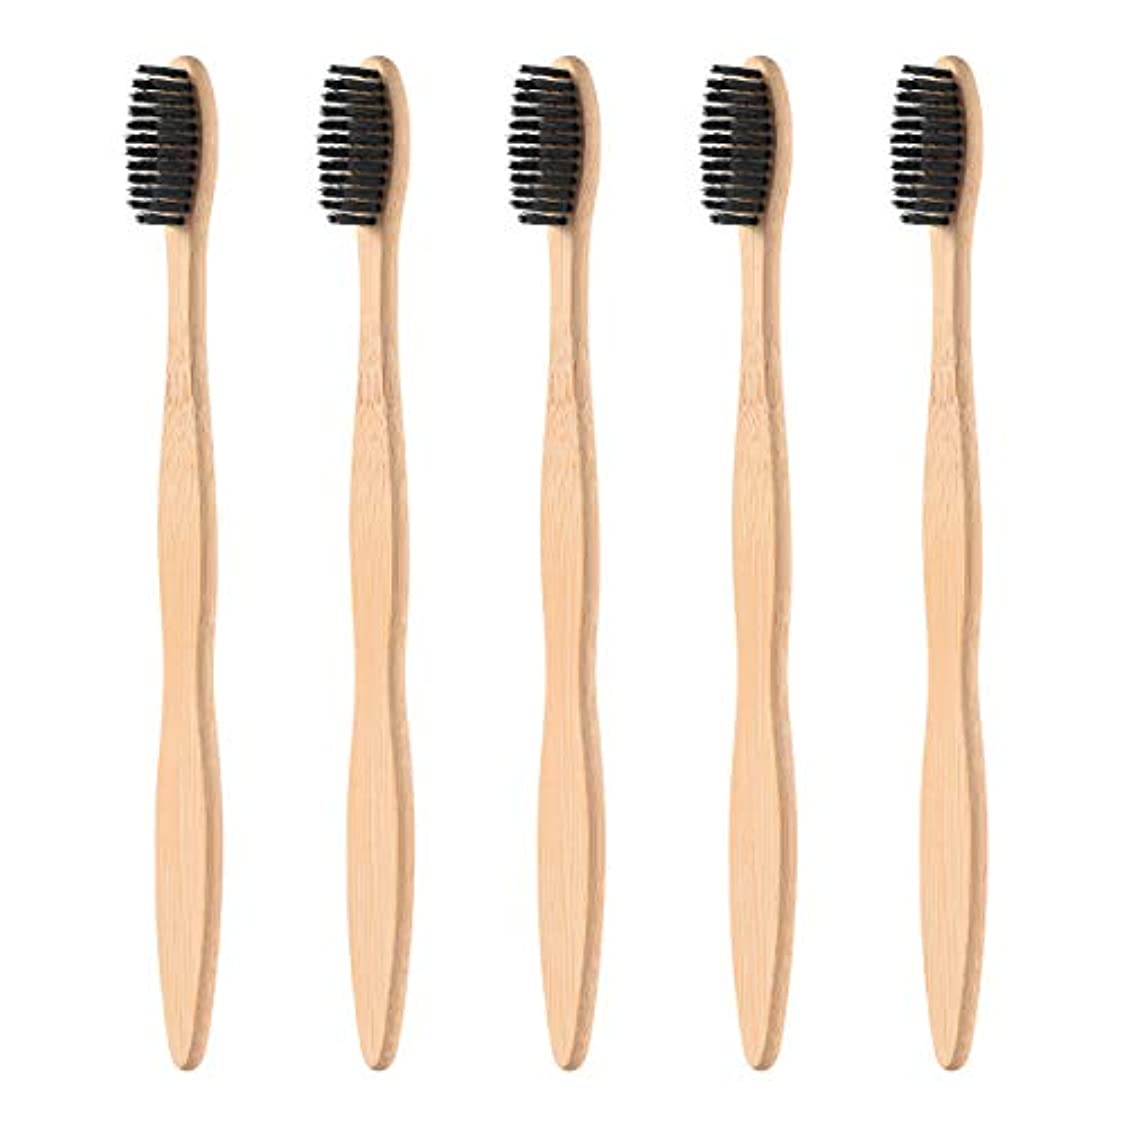 絶望的な反論者サスペンドHealifty タケ環境的に歯ブラシ5pcsは柔らかい黒い剛毛が付いている自然な木のEcoの友好的な歯ブラシを扱います